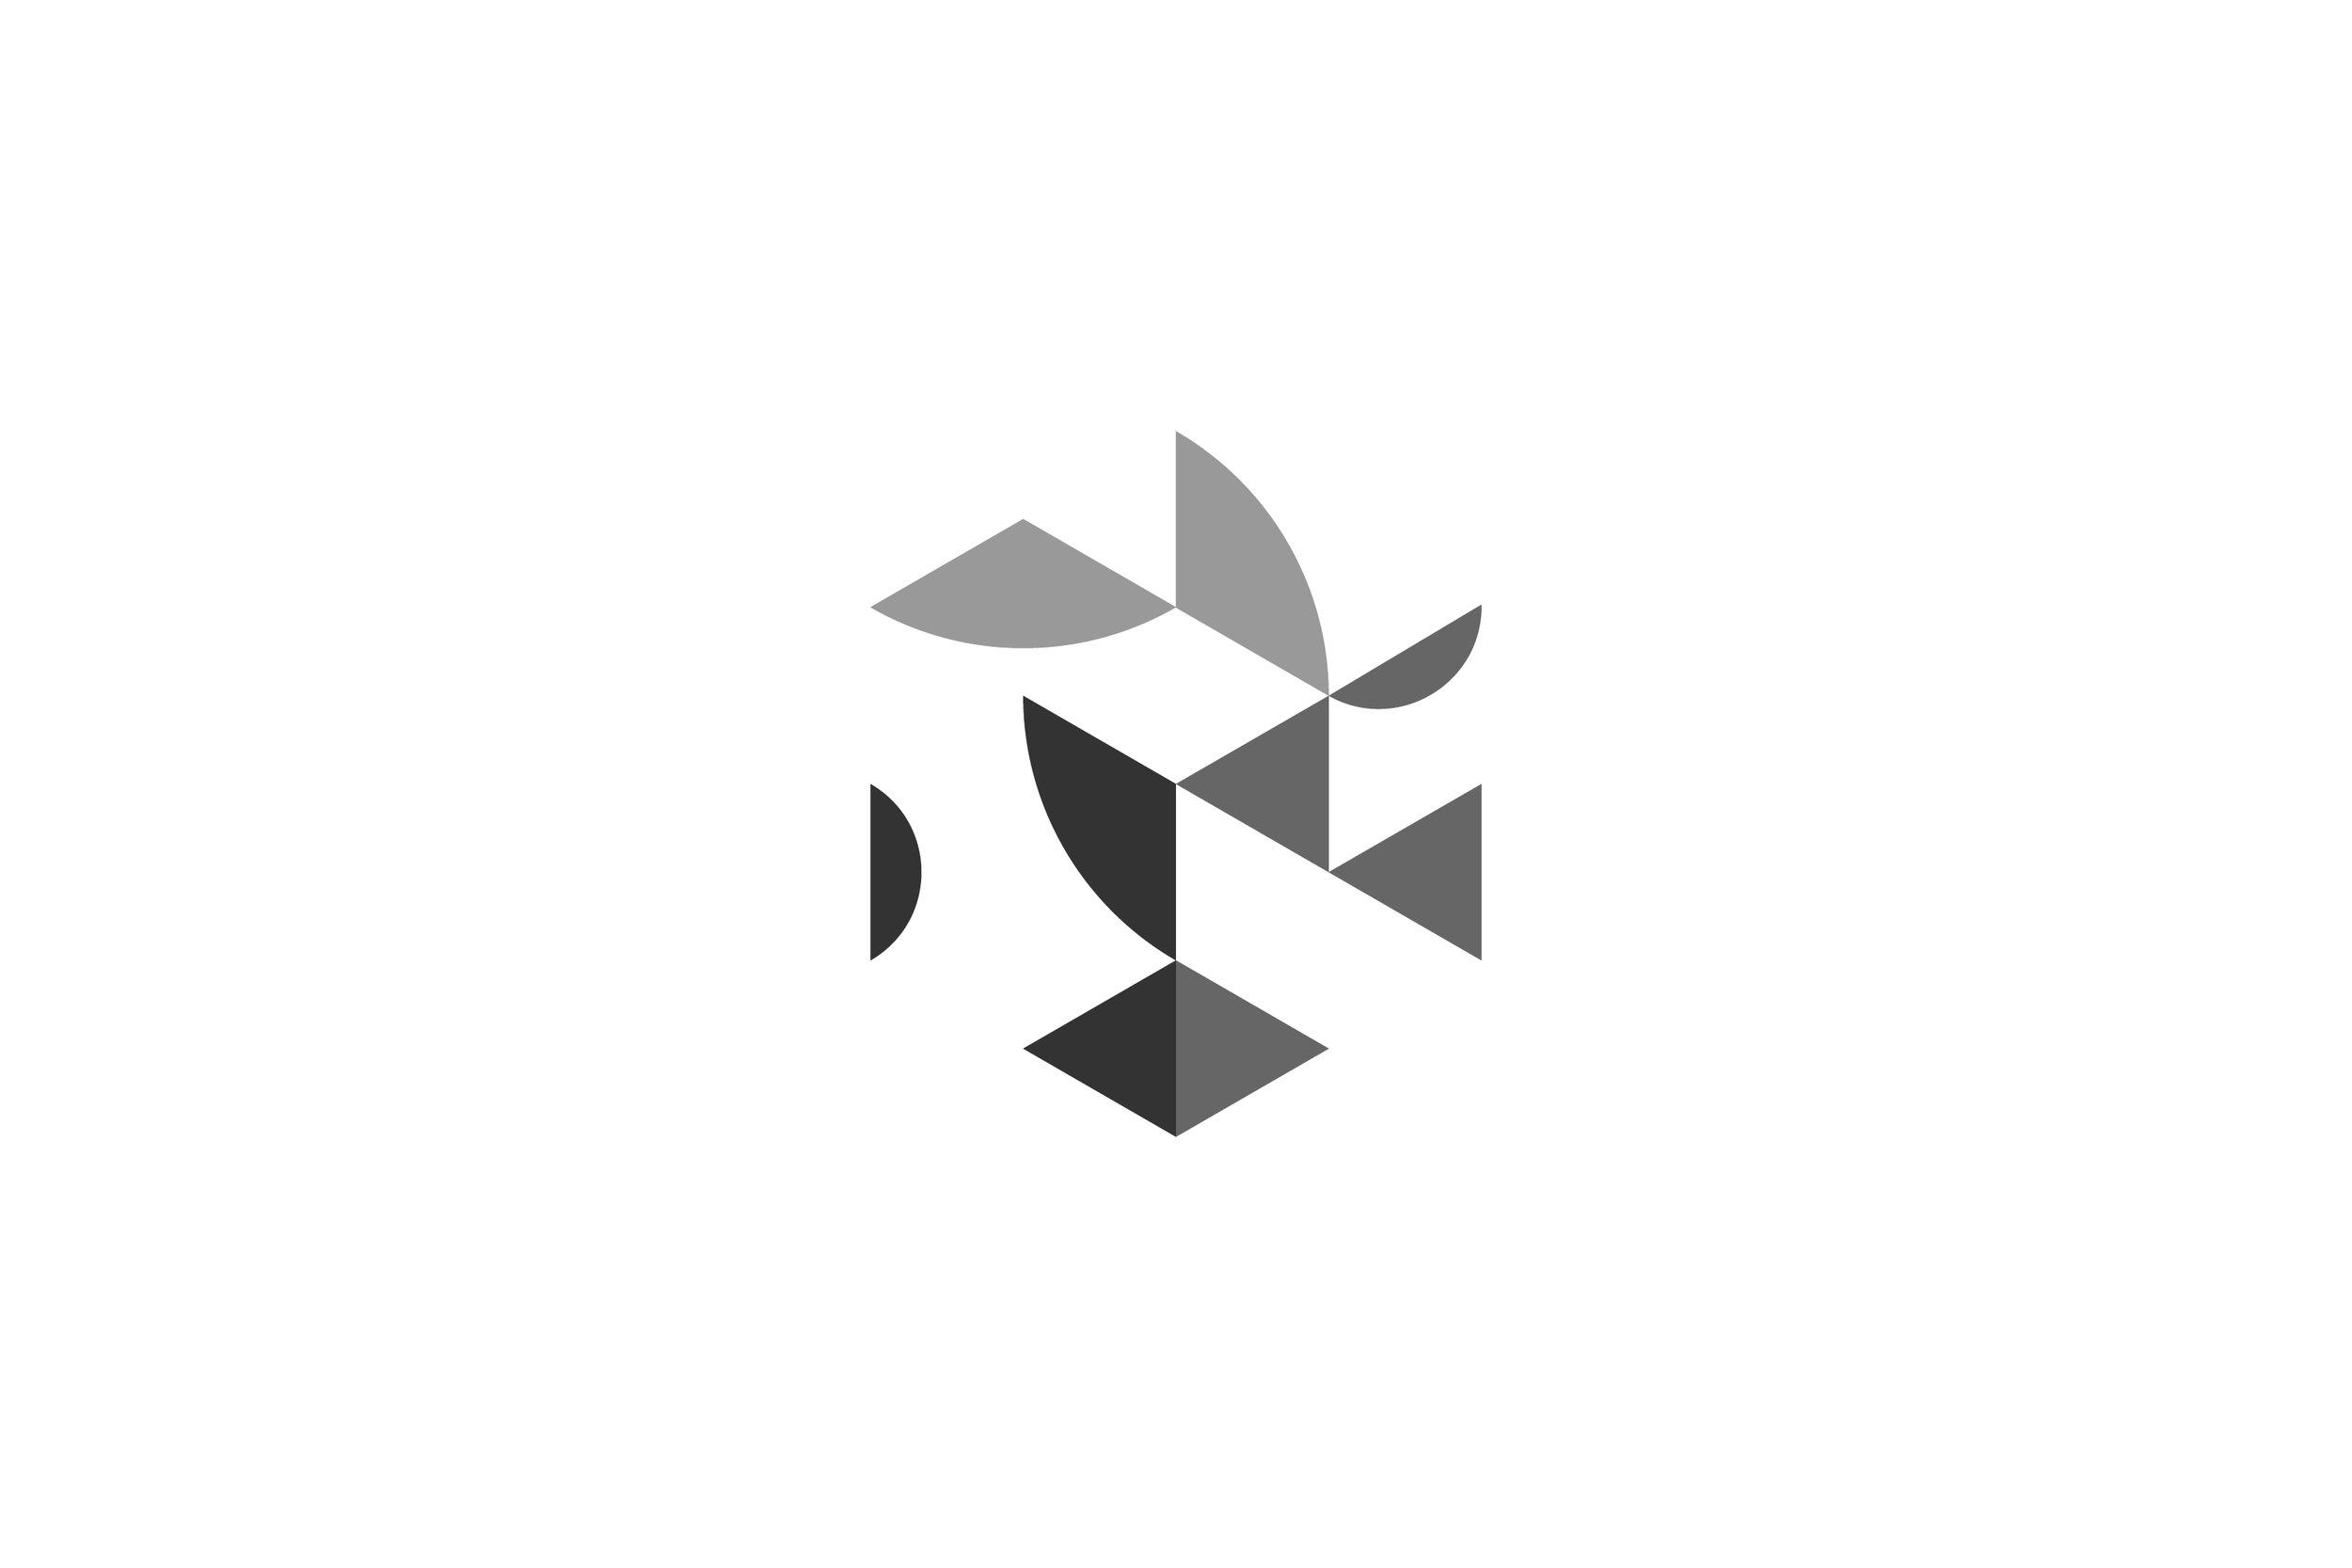 Misc. Marks - Branding